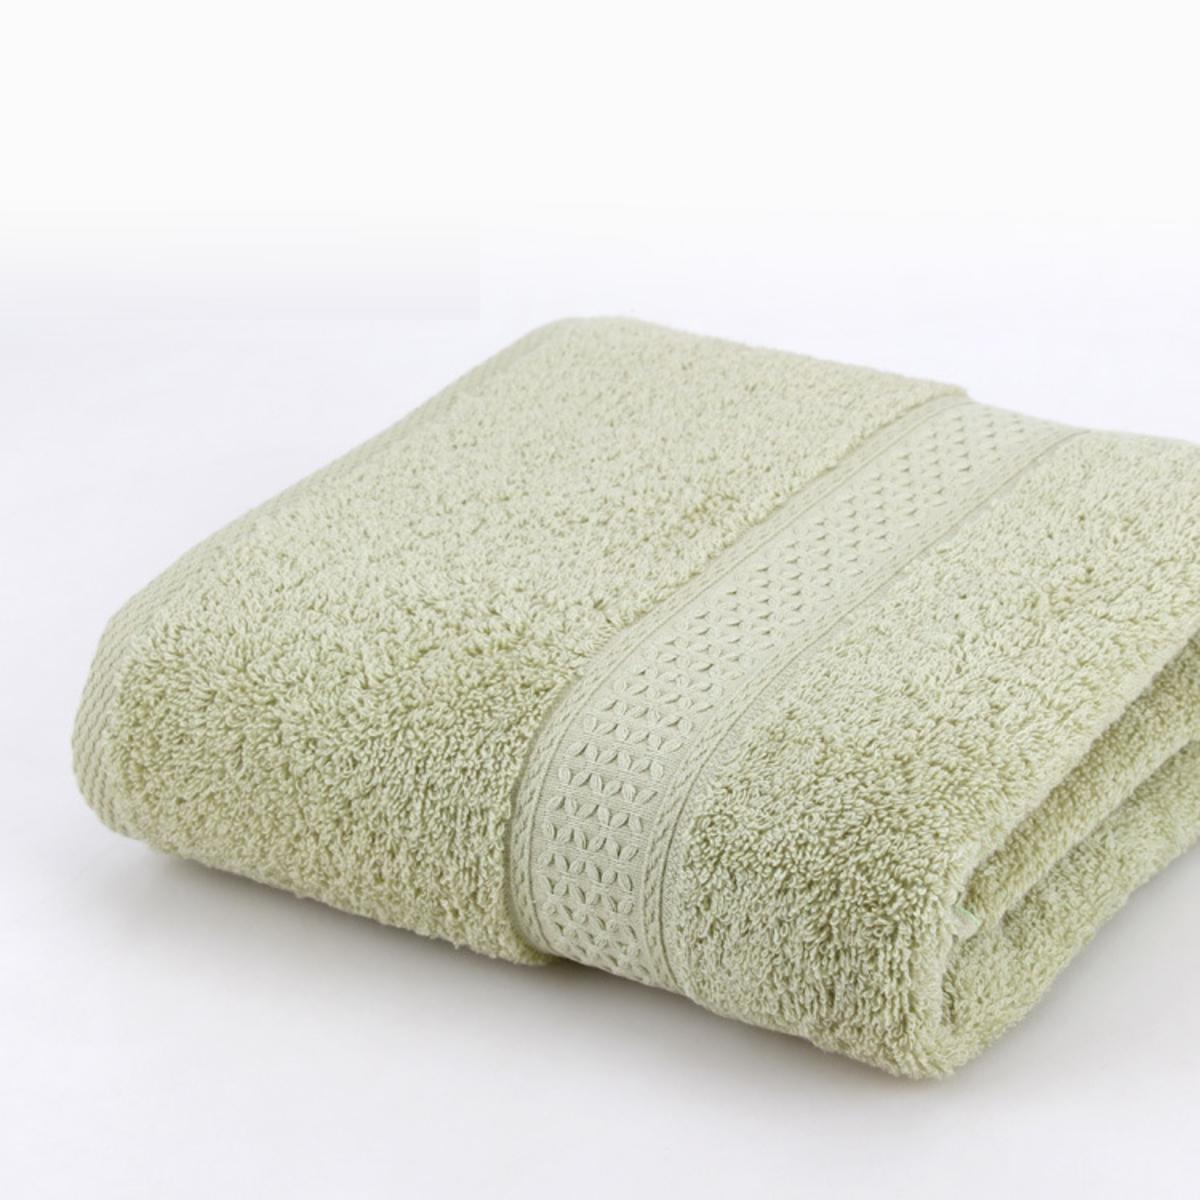 Bath Towel Green (140cm x 70cm) (Parallel Import)